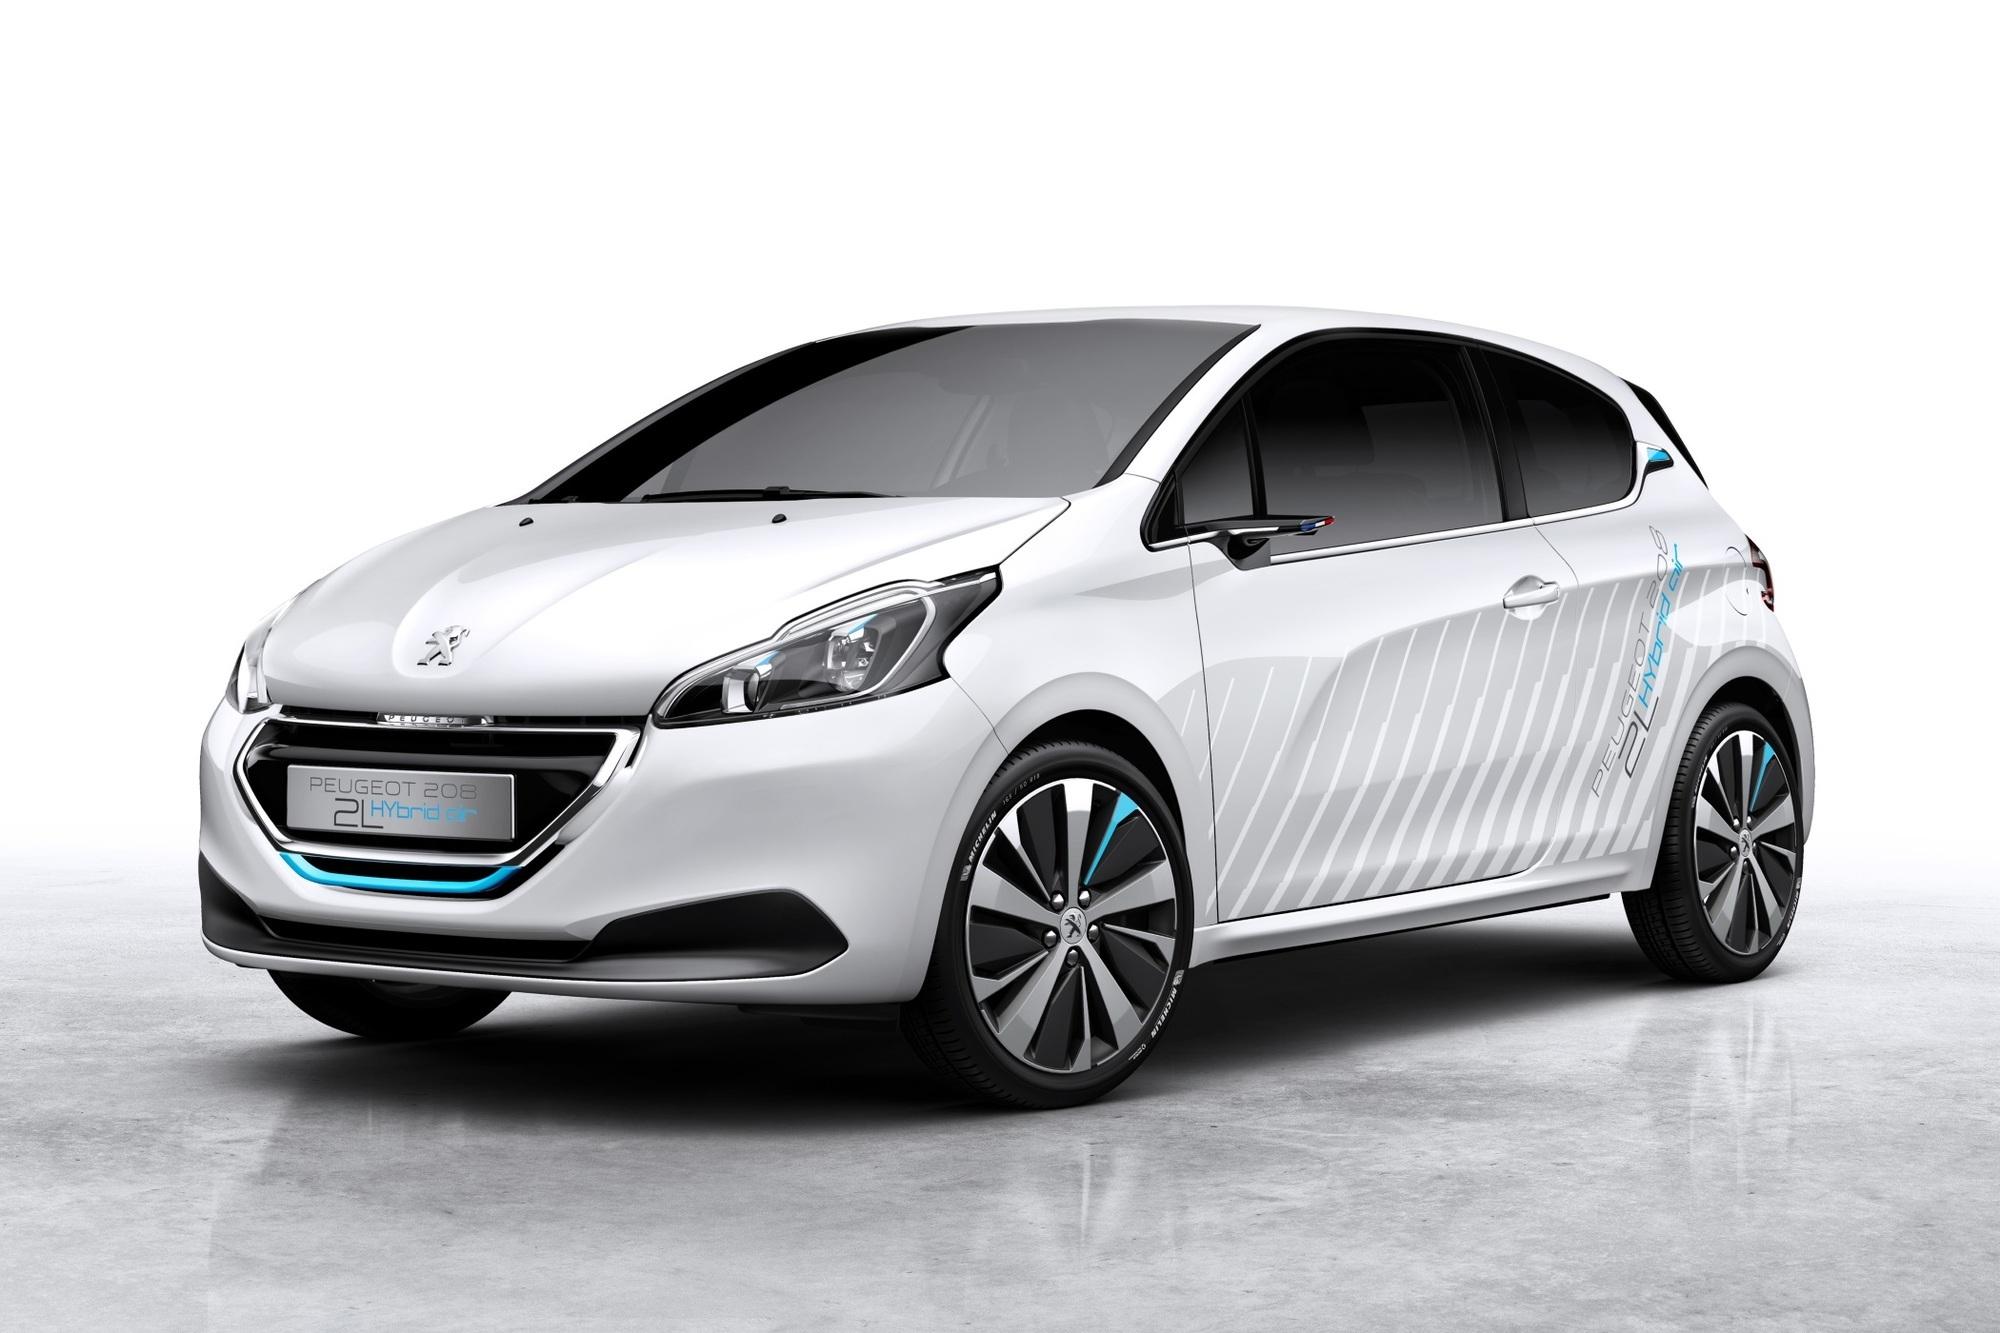 Peugeot 208 Hybrid Air 2L - Luftdruck und Leichtbau